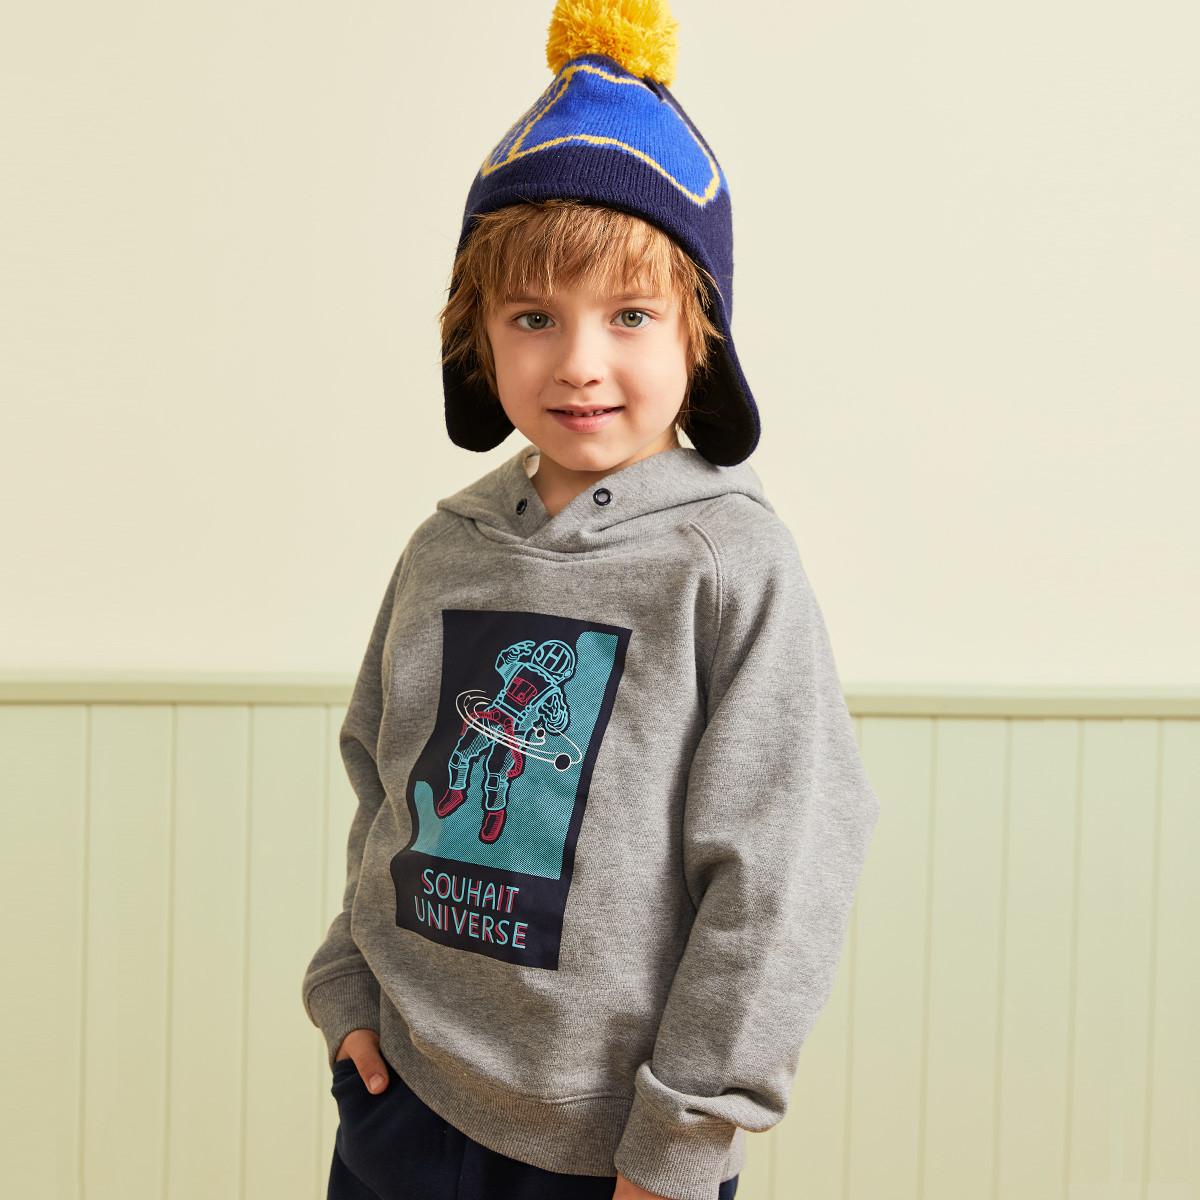 水孩儿水孩儿童装秋冬装新款男童时尚连帽套头卫衣SHNDBD36CQ779A01